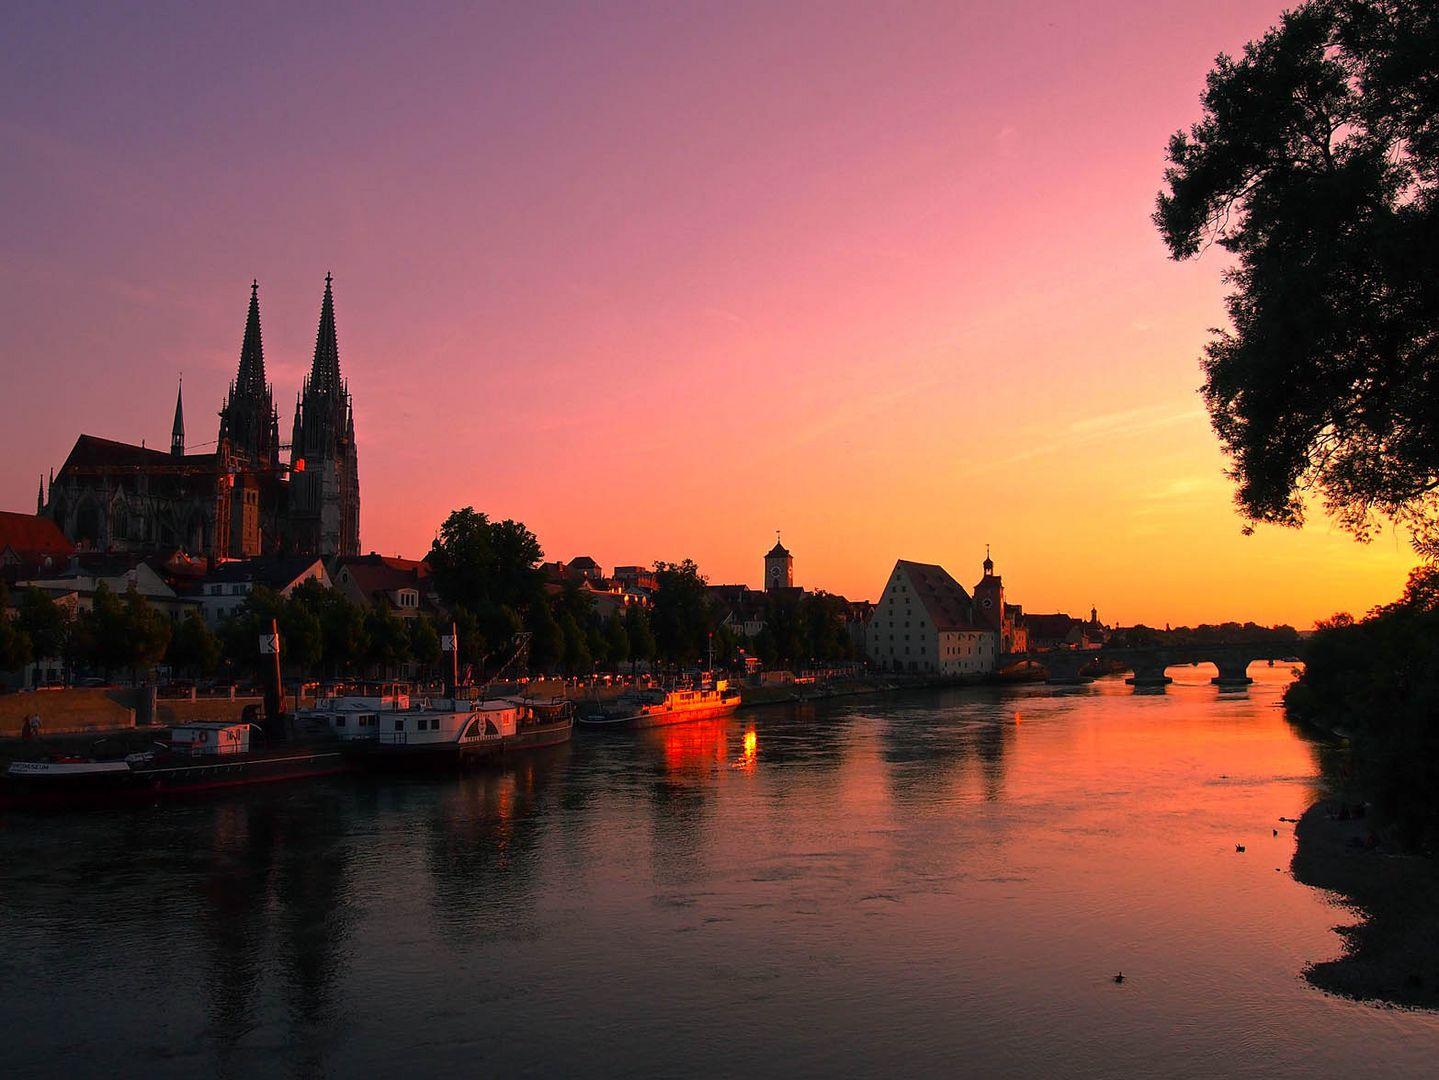 Sommer in Regensburg